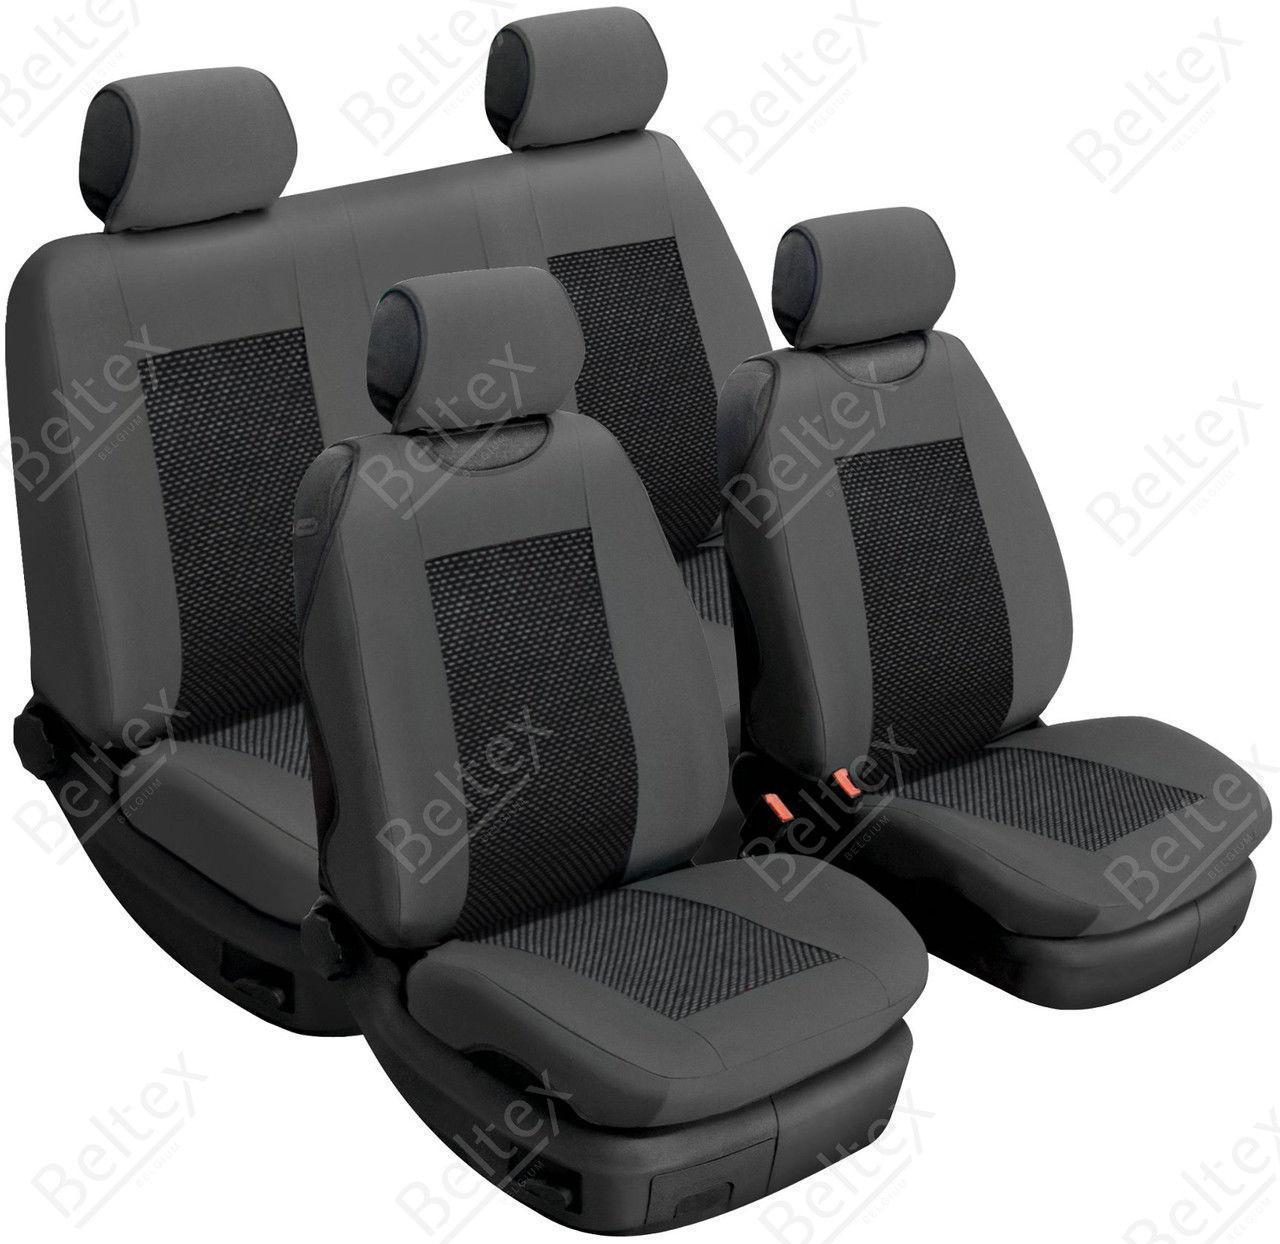 Майки/чехлы на сиденья Хендай Ай 10 новый (Hyundai I-10 NEW)